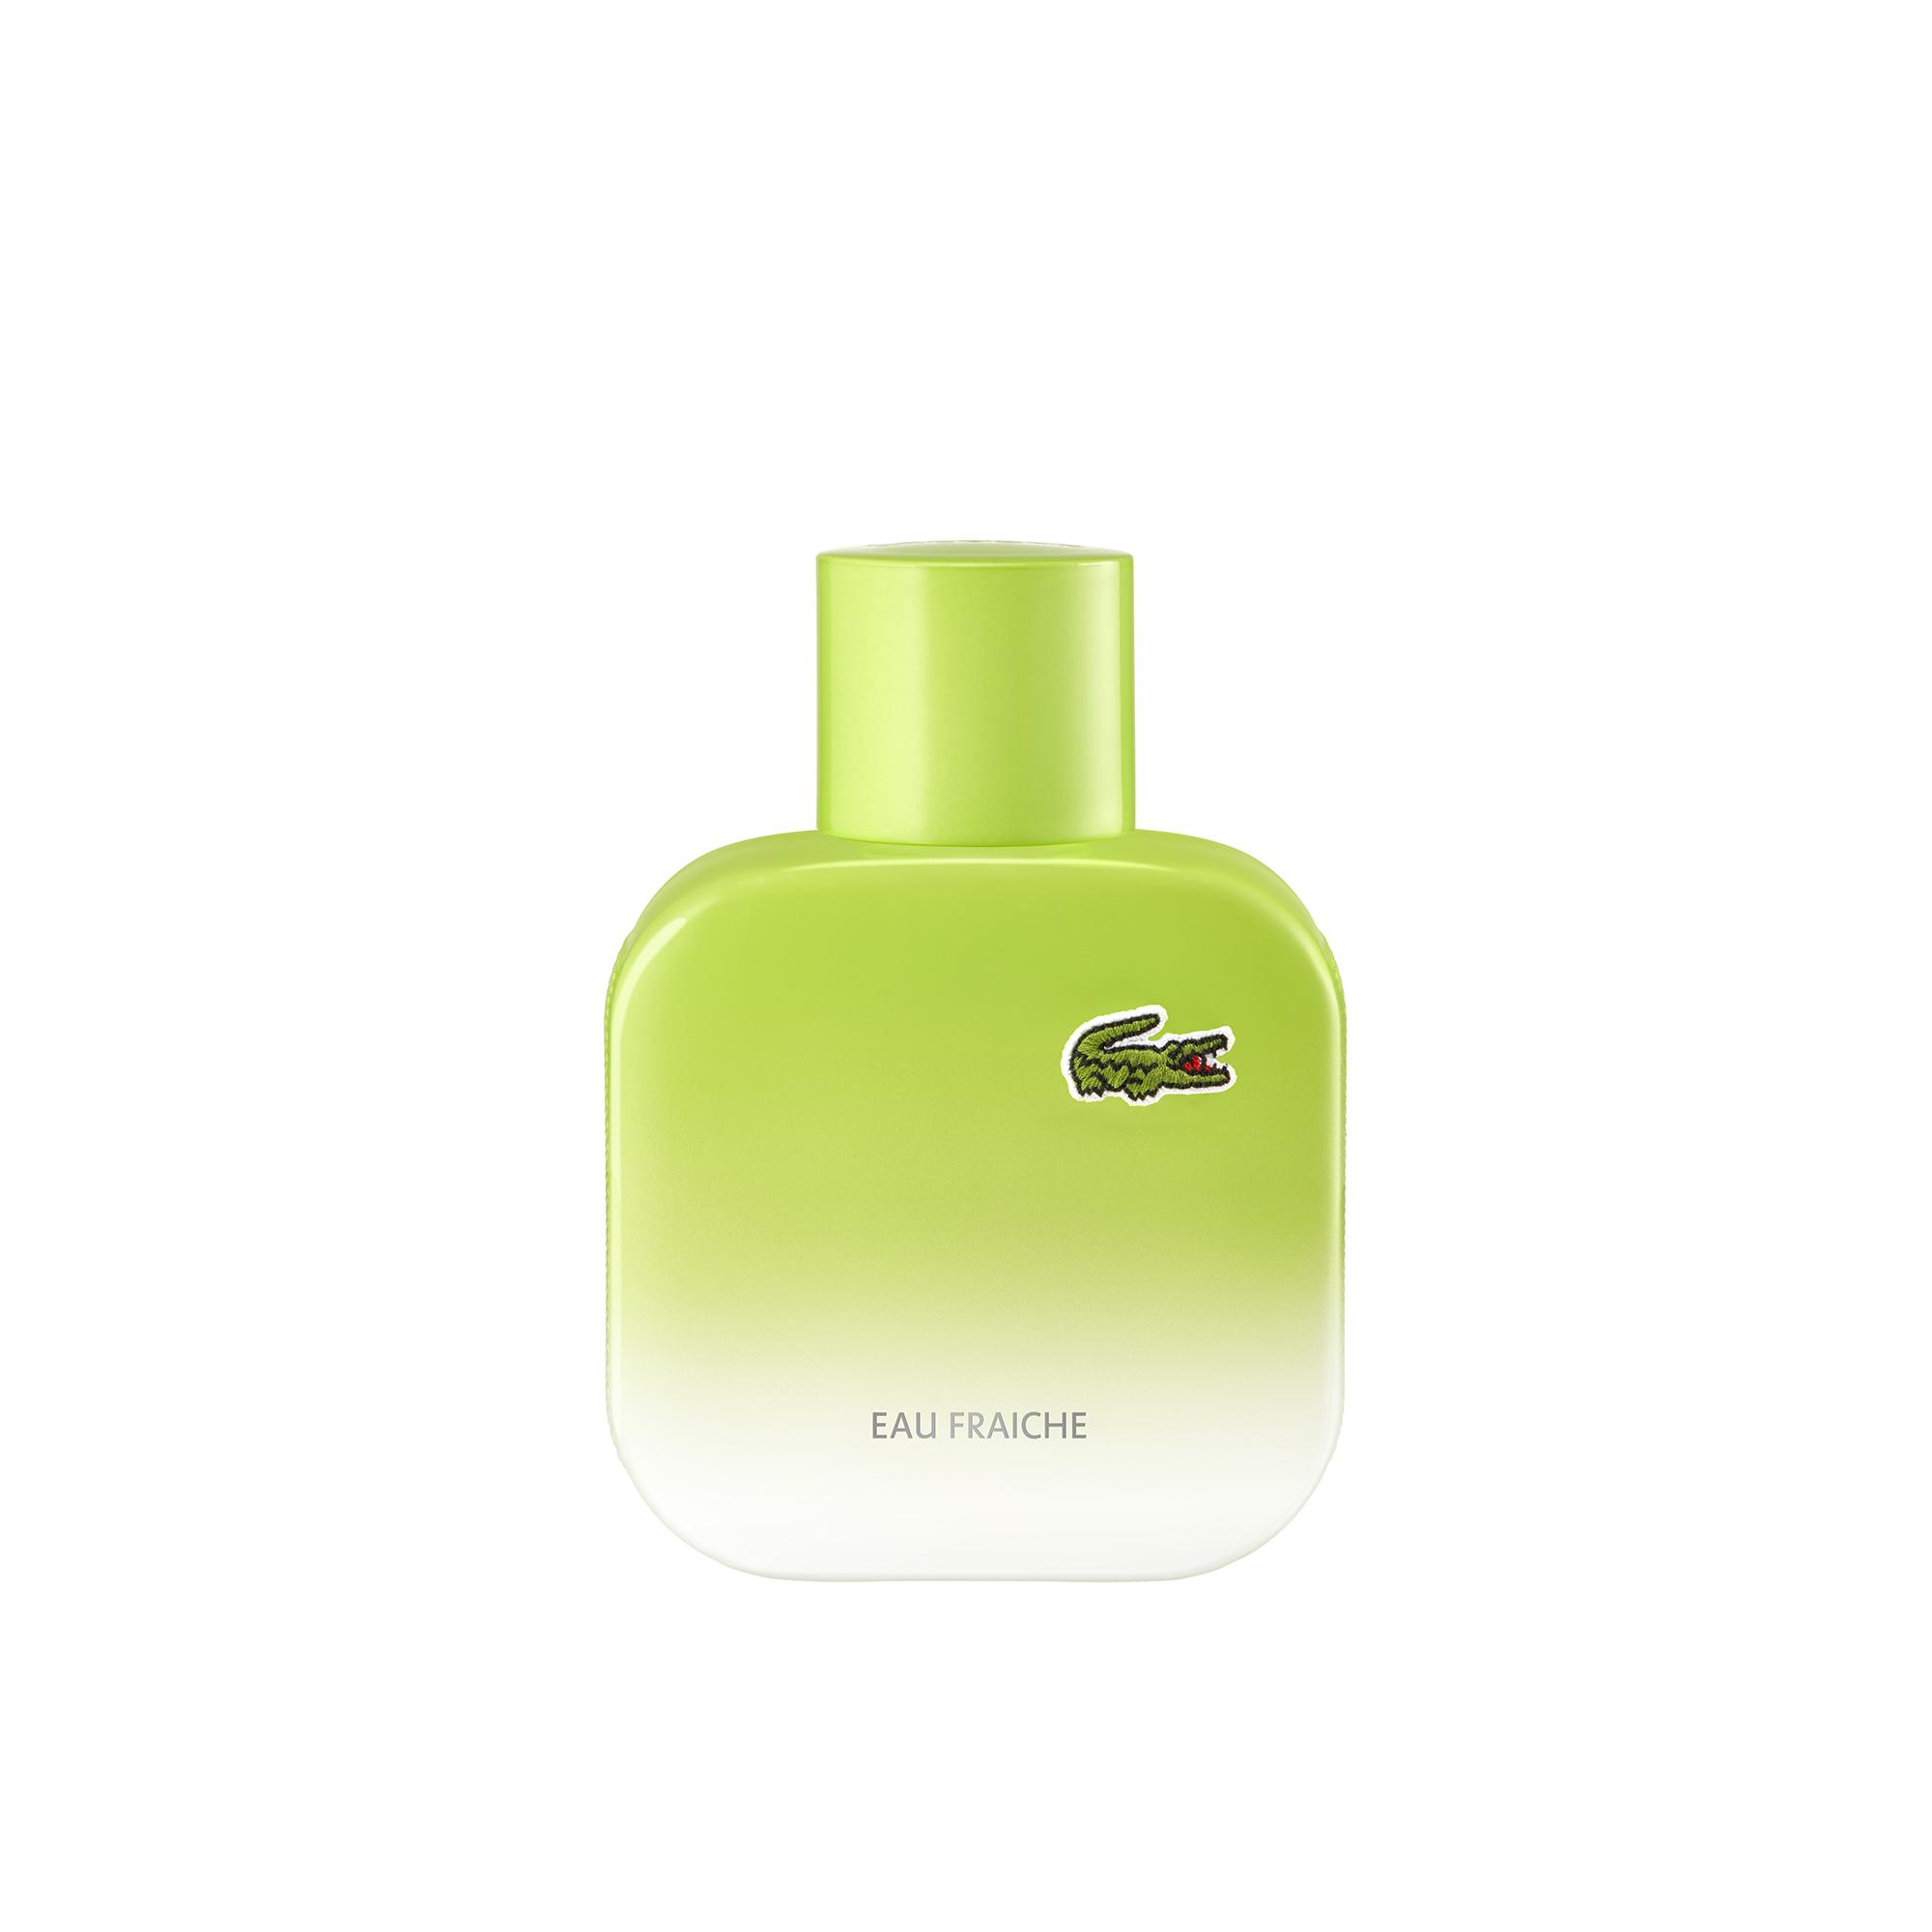 Rlaj534q Le Lacoste Pour Une Version Estivale Parfum xWdeEQCroB